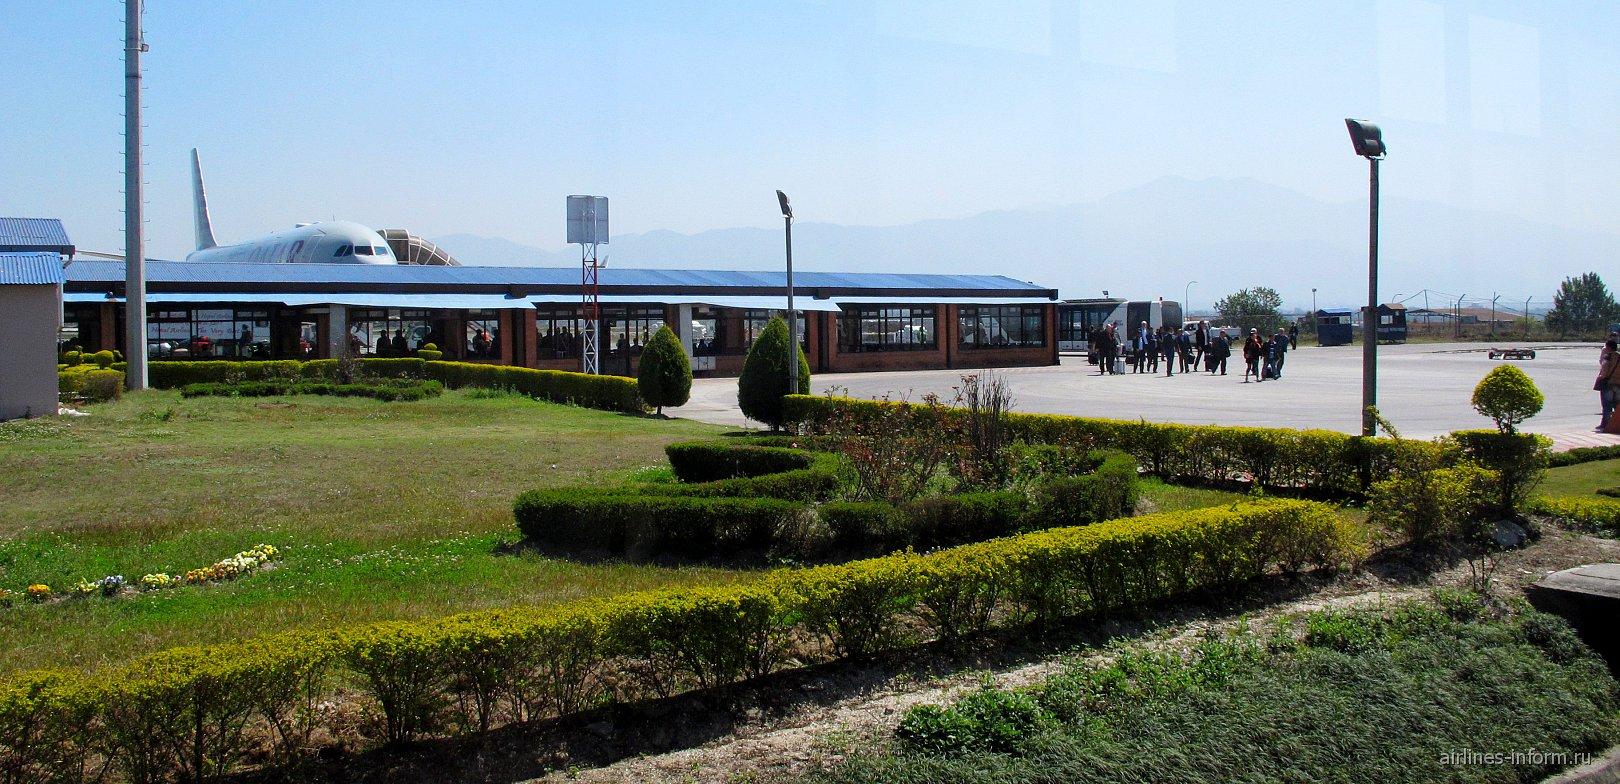 Вид на зону вылета аэропорта Катманду